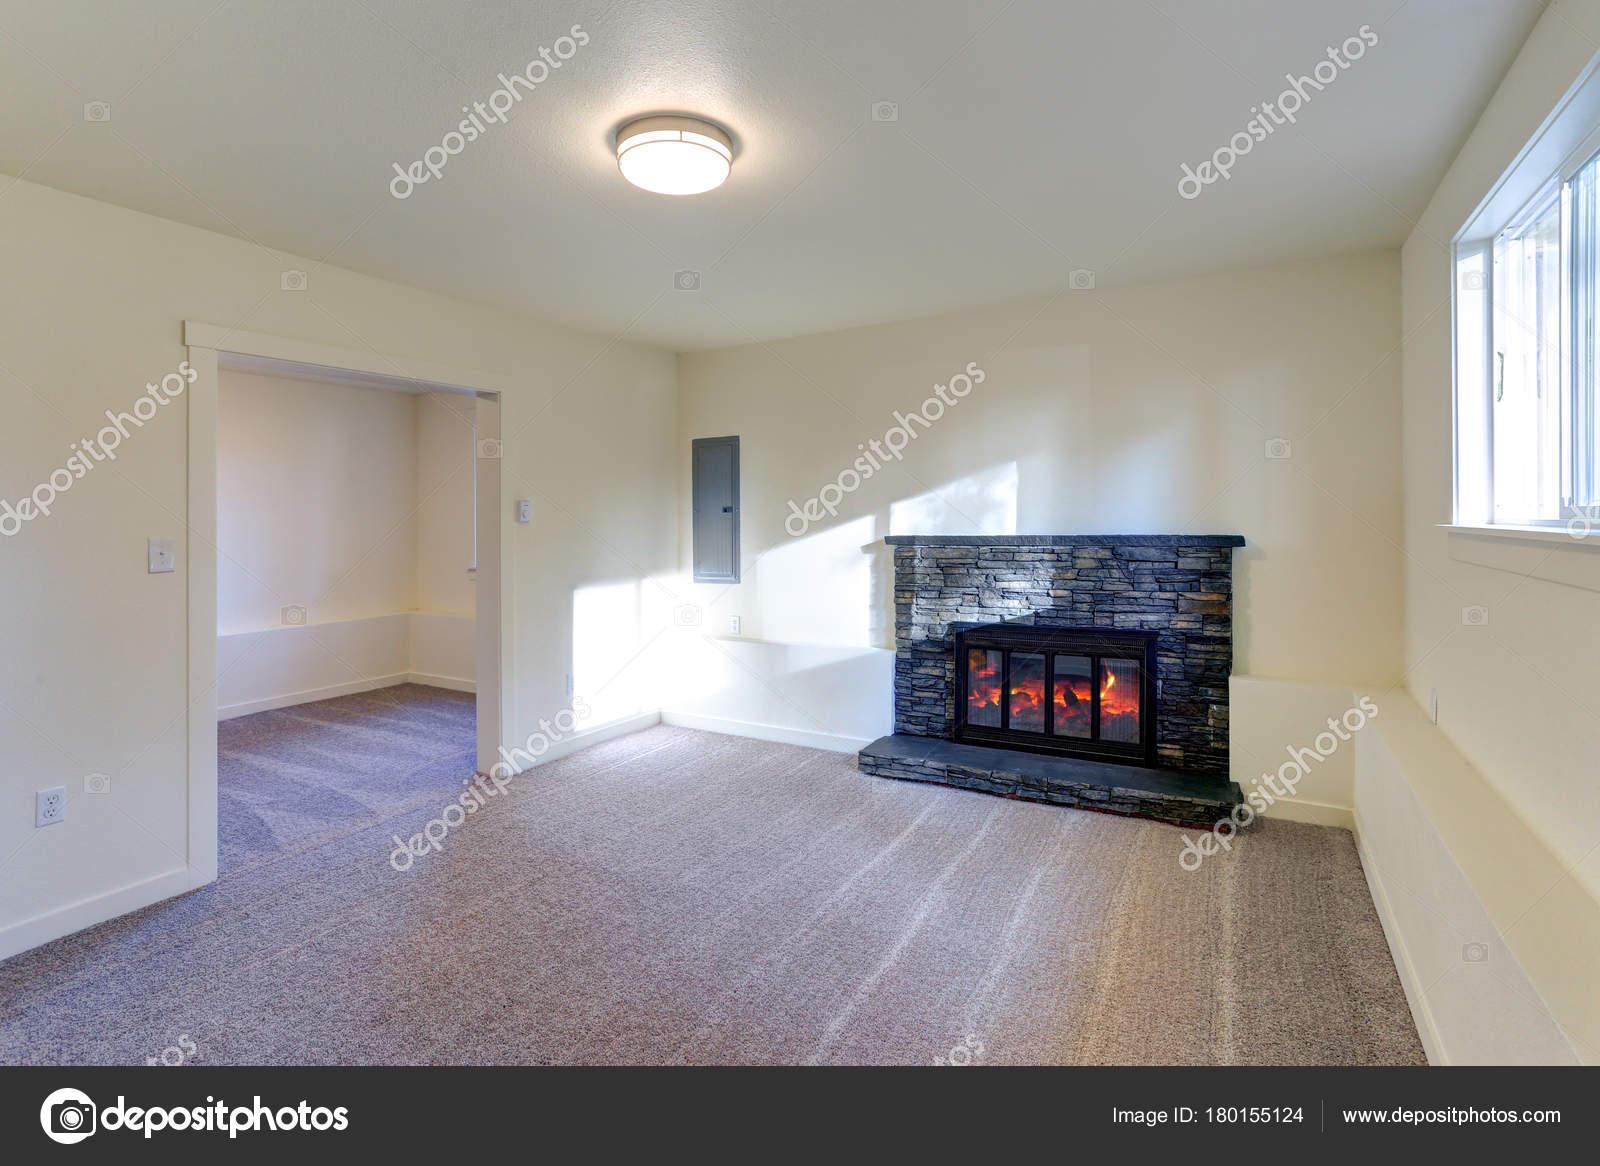 Salón vacío luz interior — Foto de stock © alabn #180155124